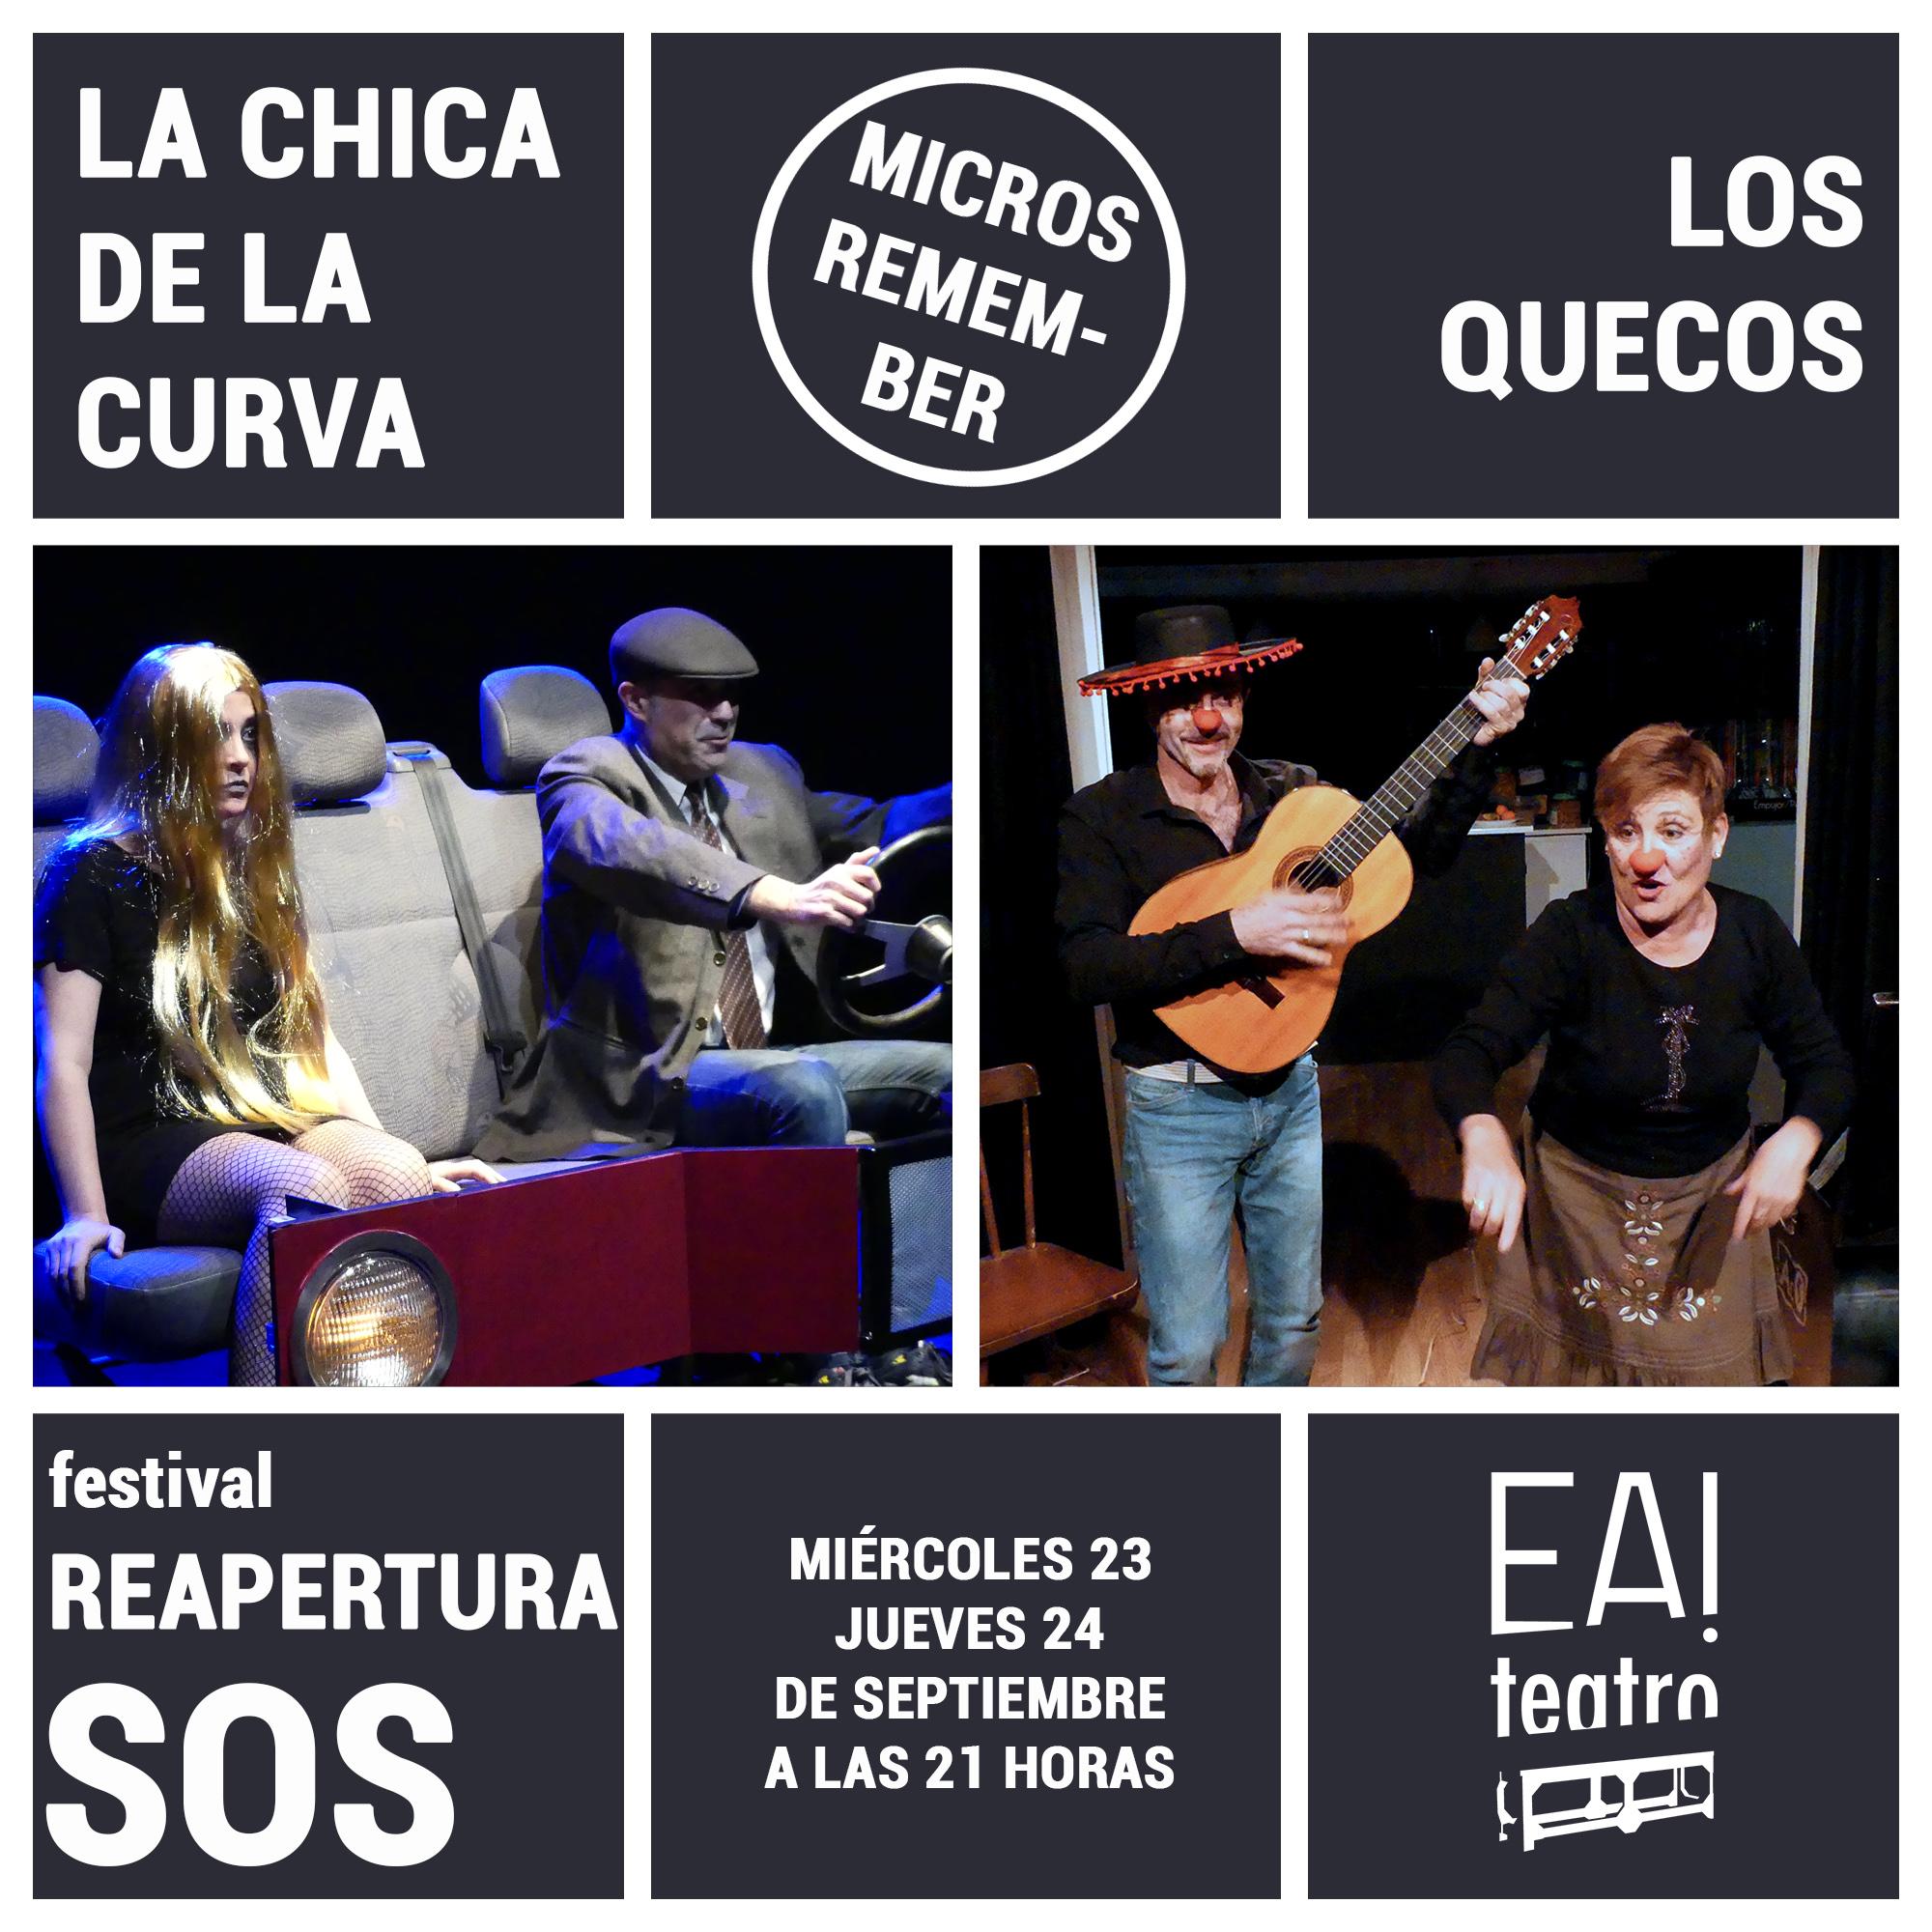 MICROS REMEMBER: «LA CHICA DE LA CURVA» Y «LOS QUECOS»